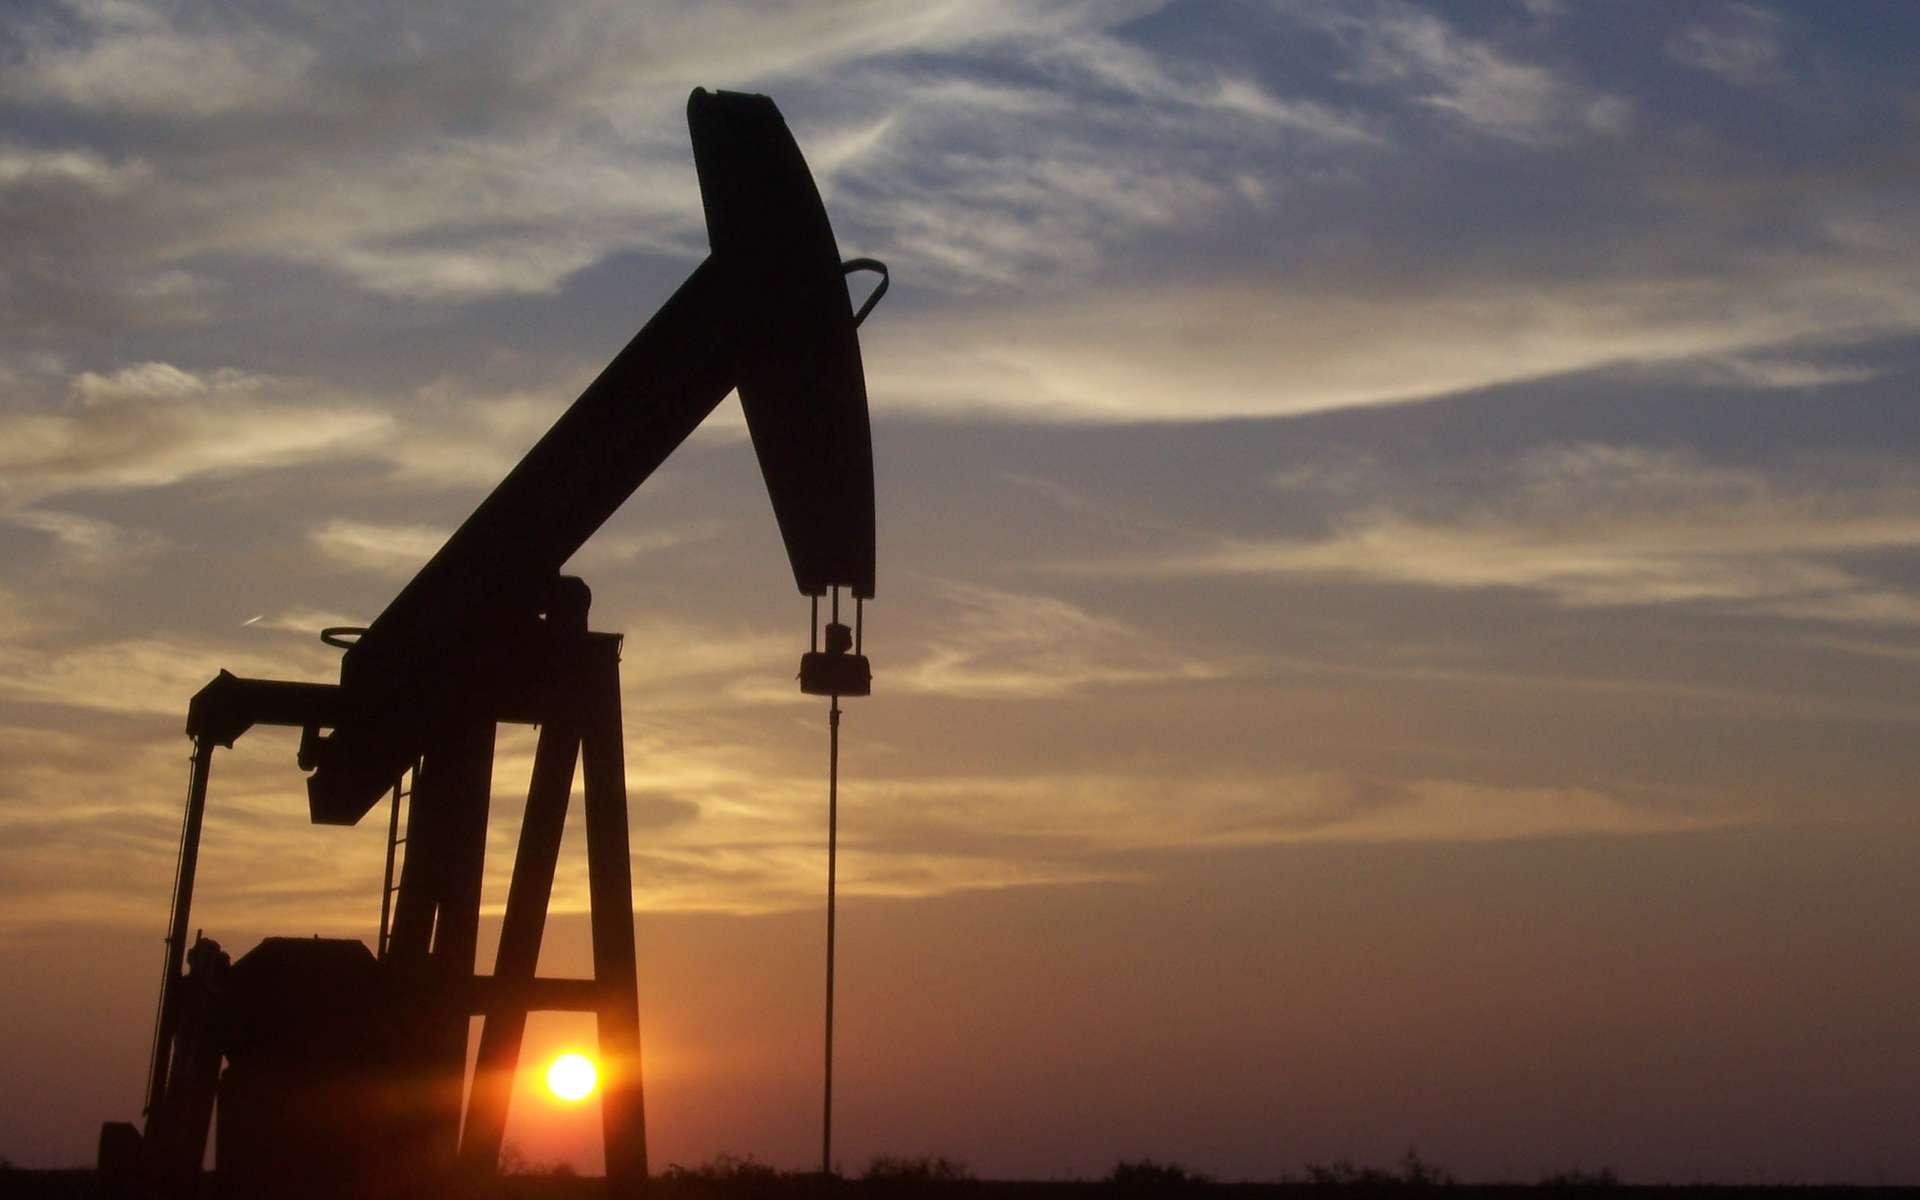 La recherche de nappes de pétrole souterraines se fait par sismicité ou par l'étude des anomalies gravimétriques du sol par satellite. Toutefois, seule la prospection par forage est en mesure de certifier la présence de pétrole. © Eric Kounce, Wikipédia, DP